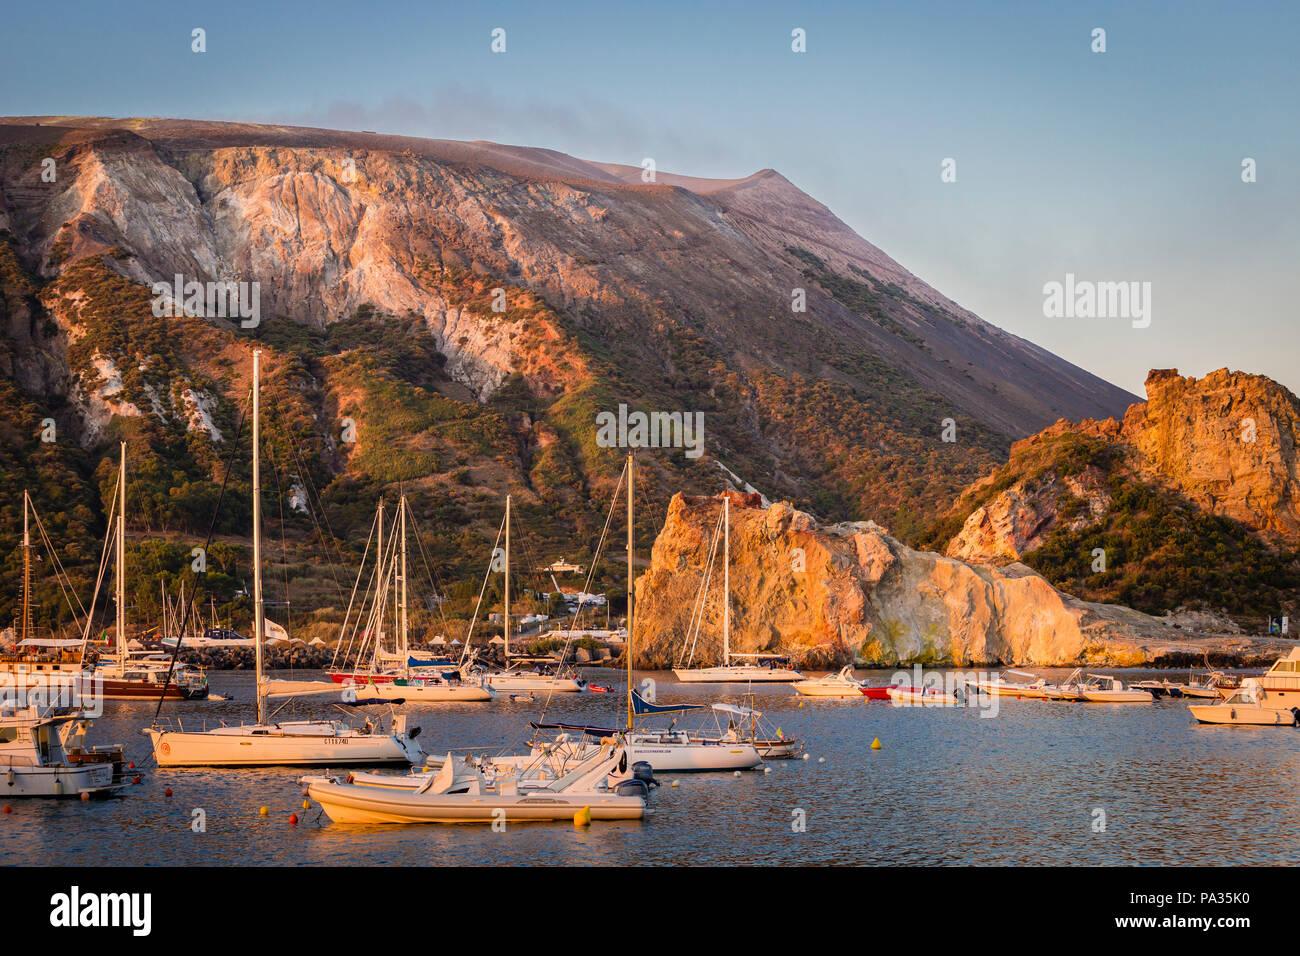 La marina di Vulcano a sunrise con le pendici del vulcano, Isole Eolie, in Sicilia. Immagini Stock